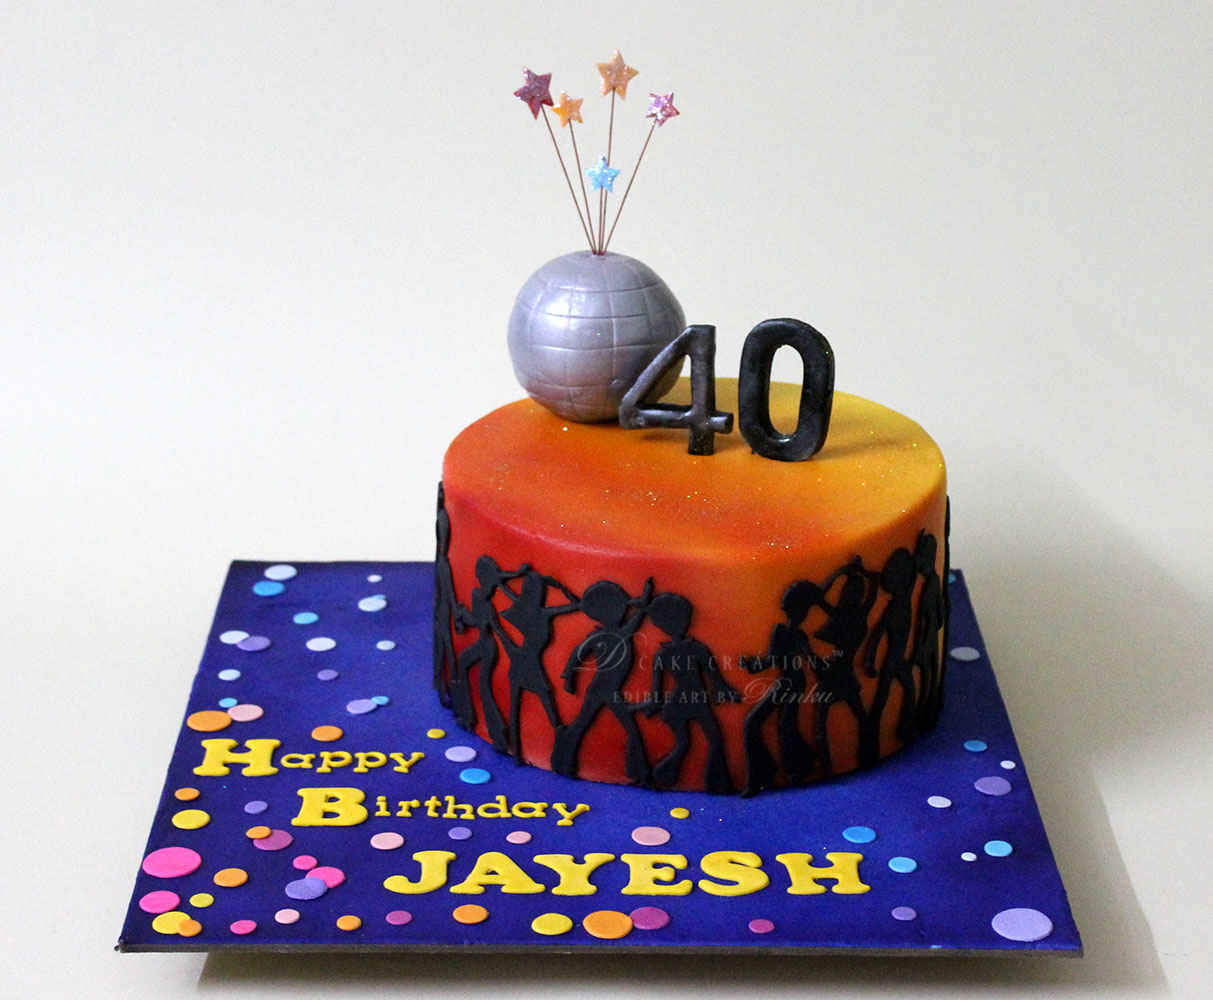 Disco Theme Birthday Cakes